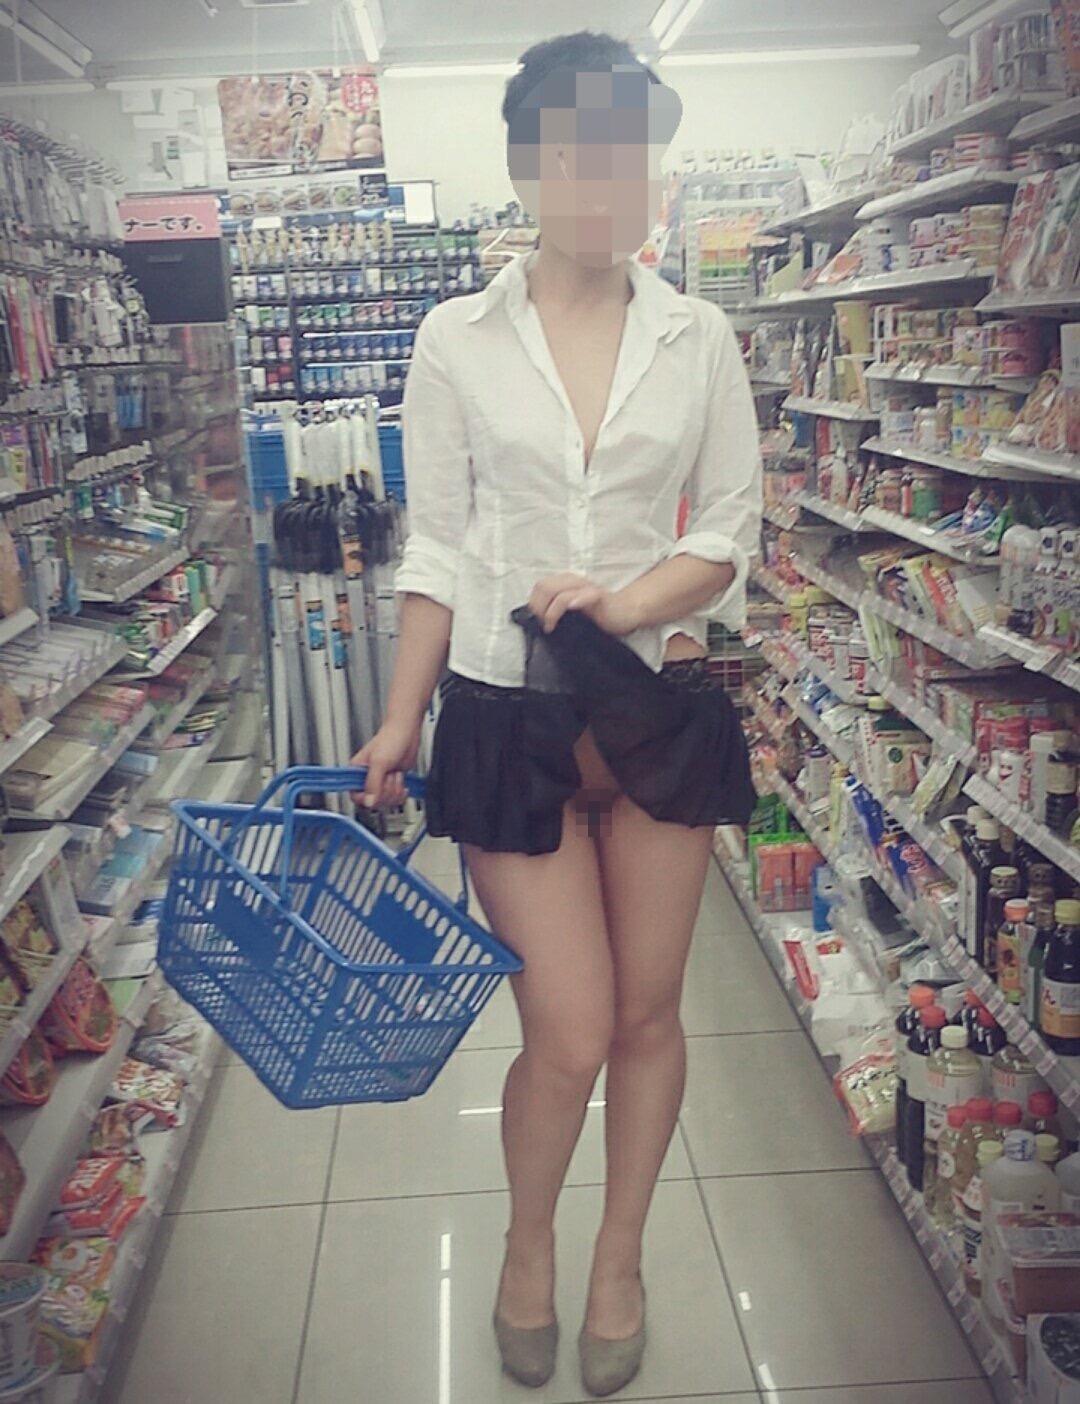 ノーパンで買い物に行ってオマンコを露出!